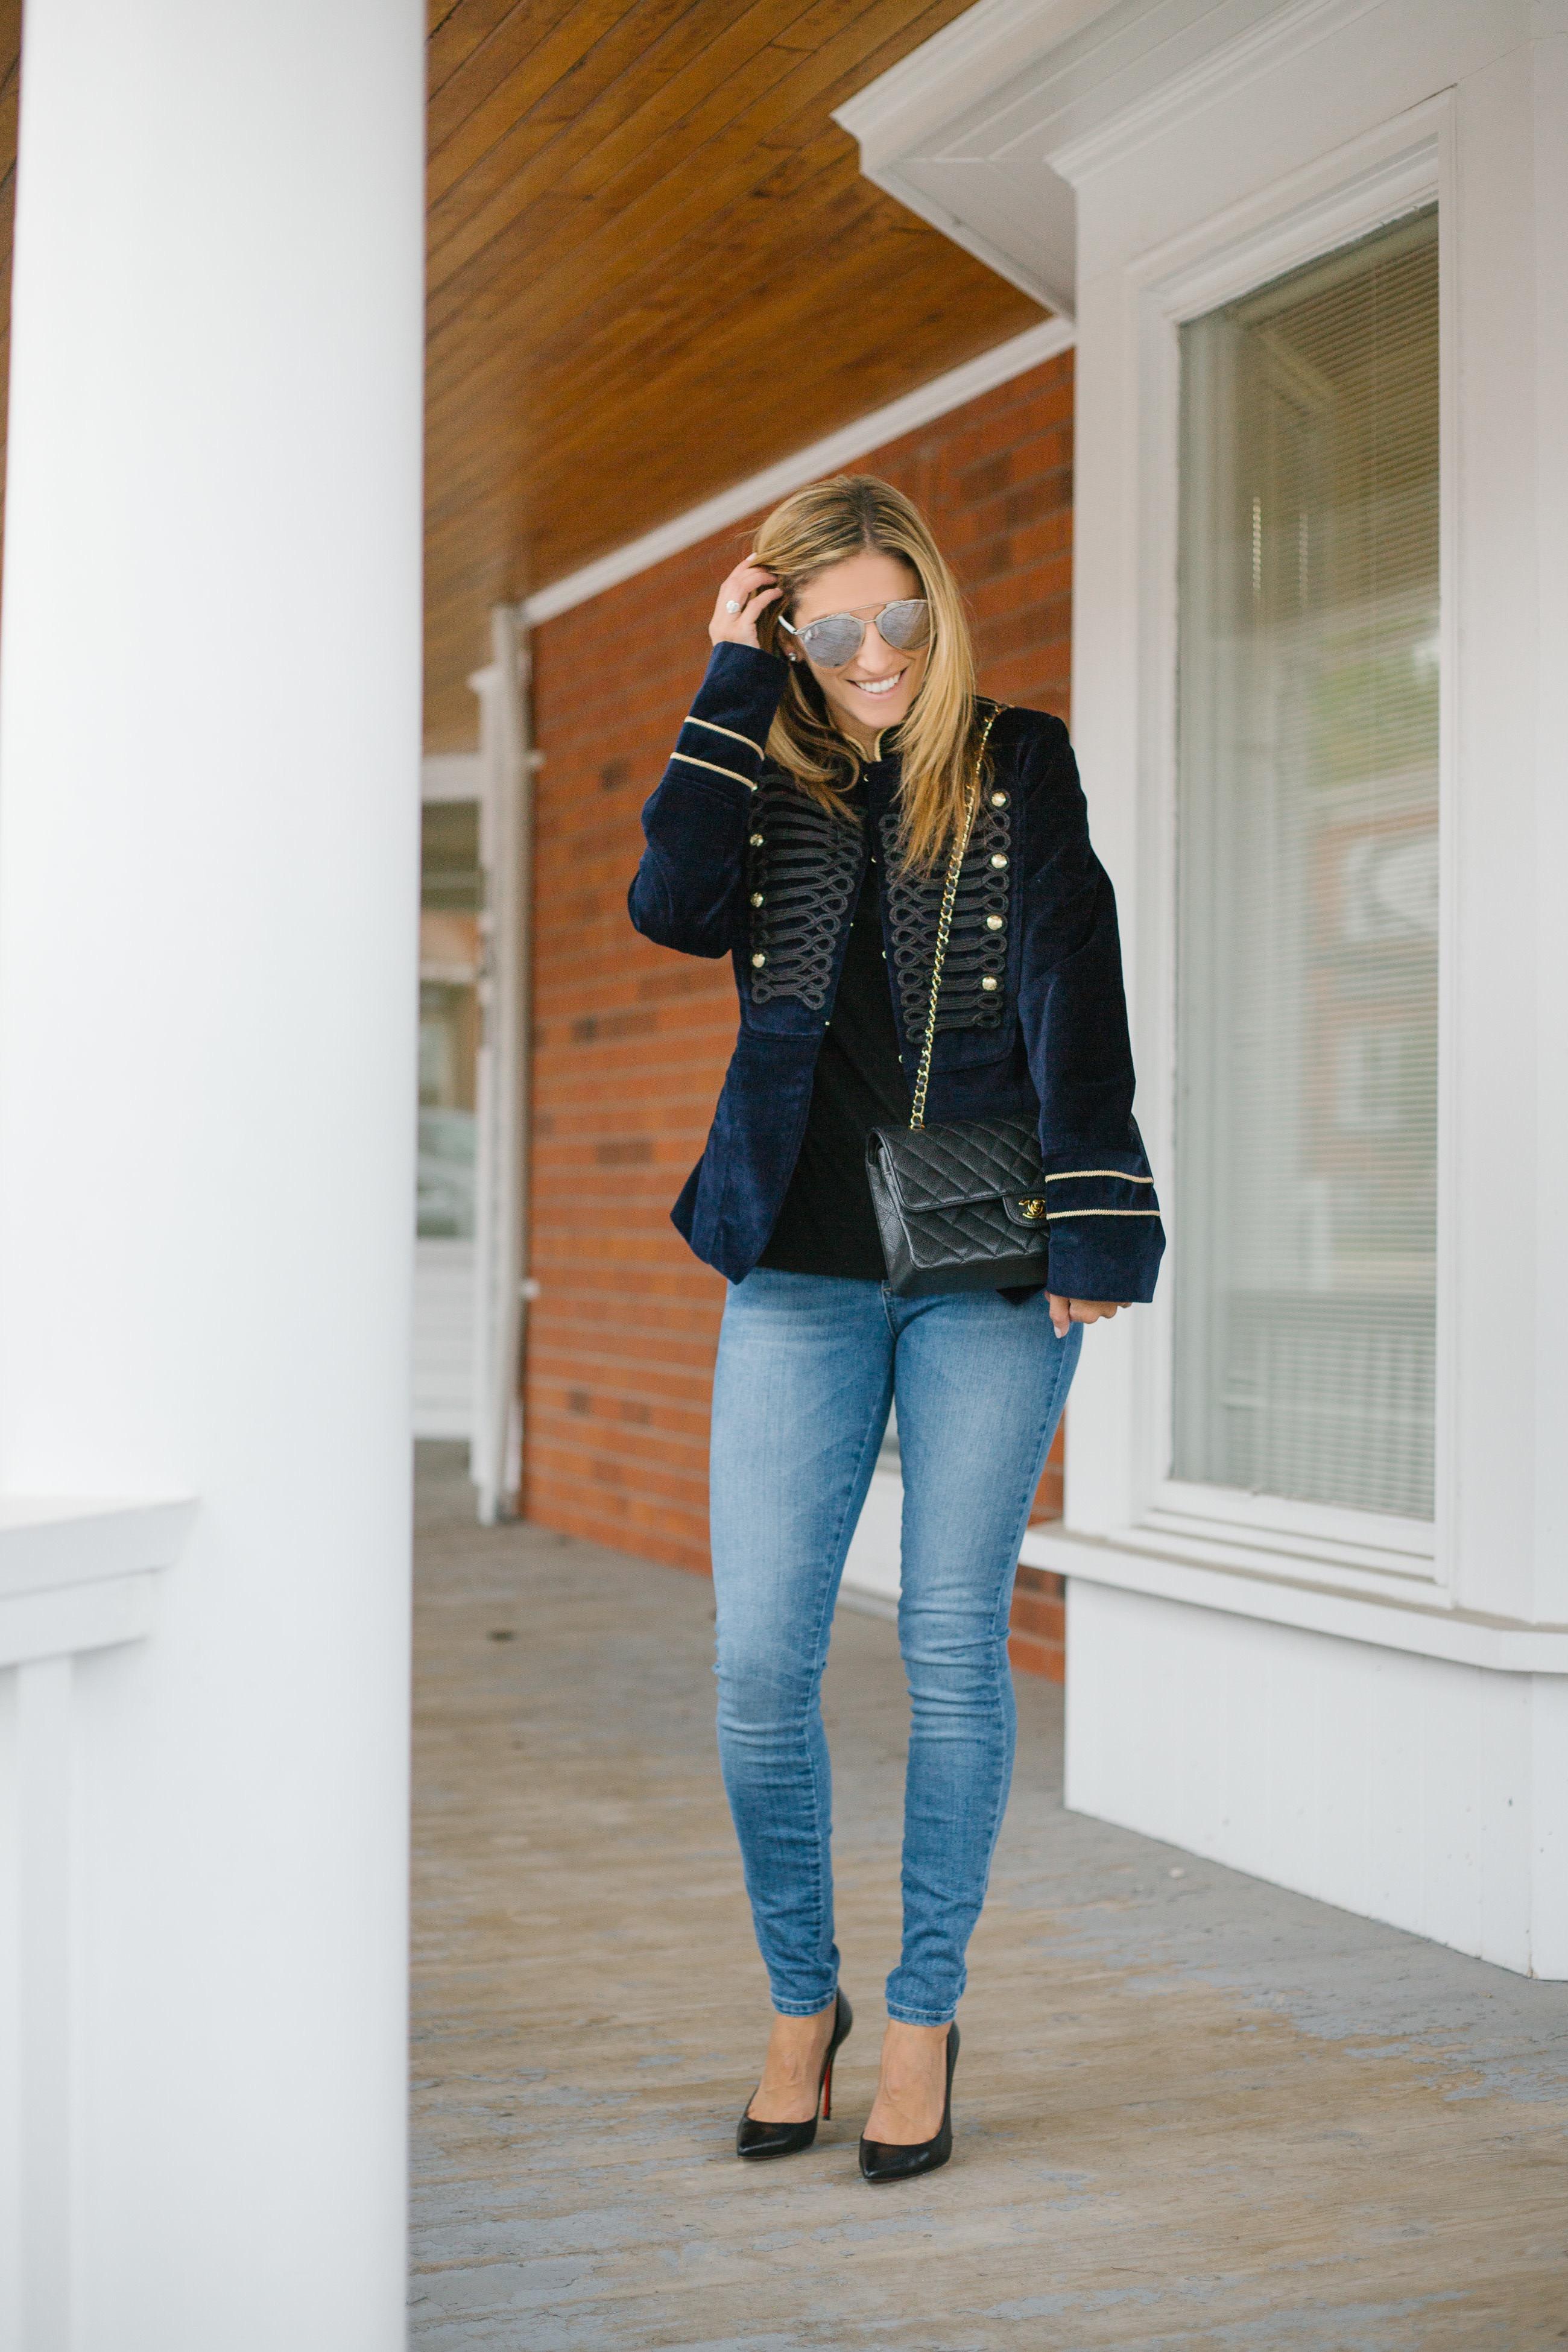 Velvet military style jacket